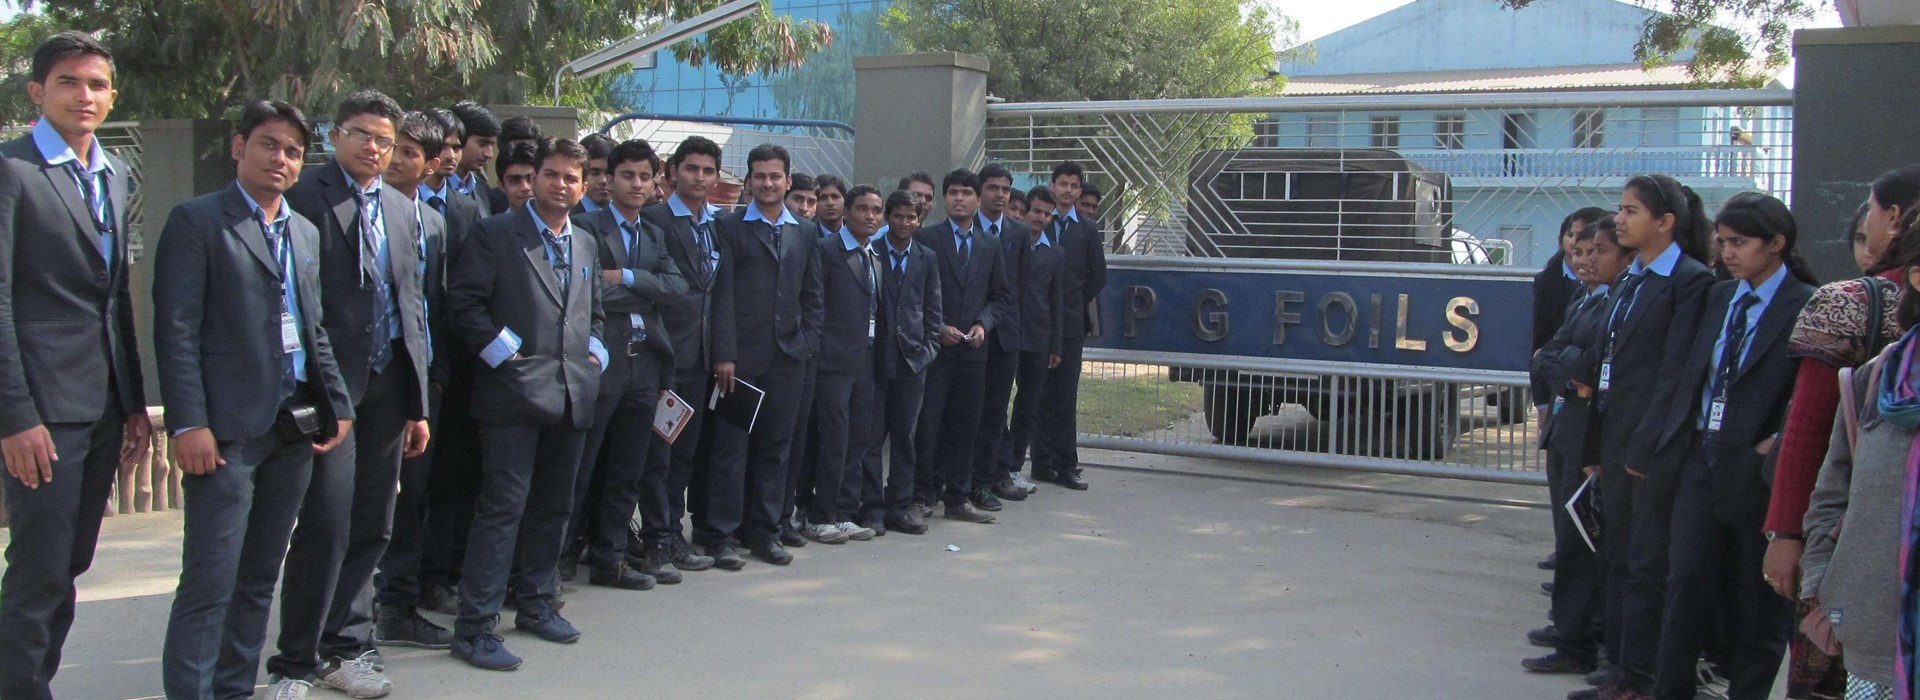 Aishwarya College of Education, Pali